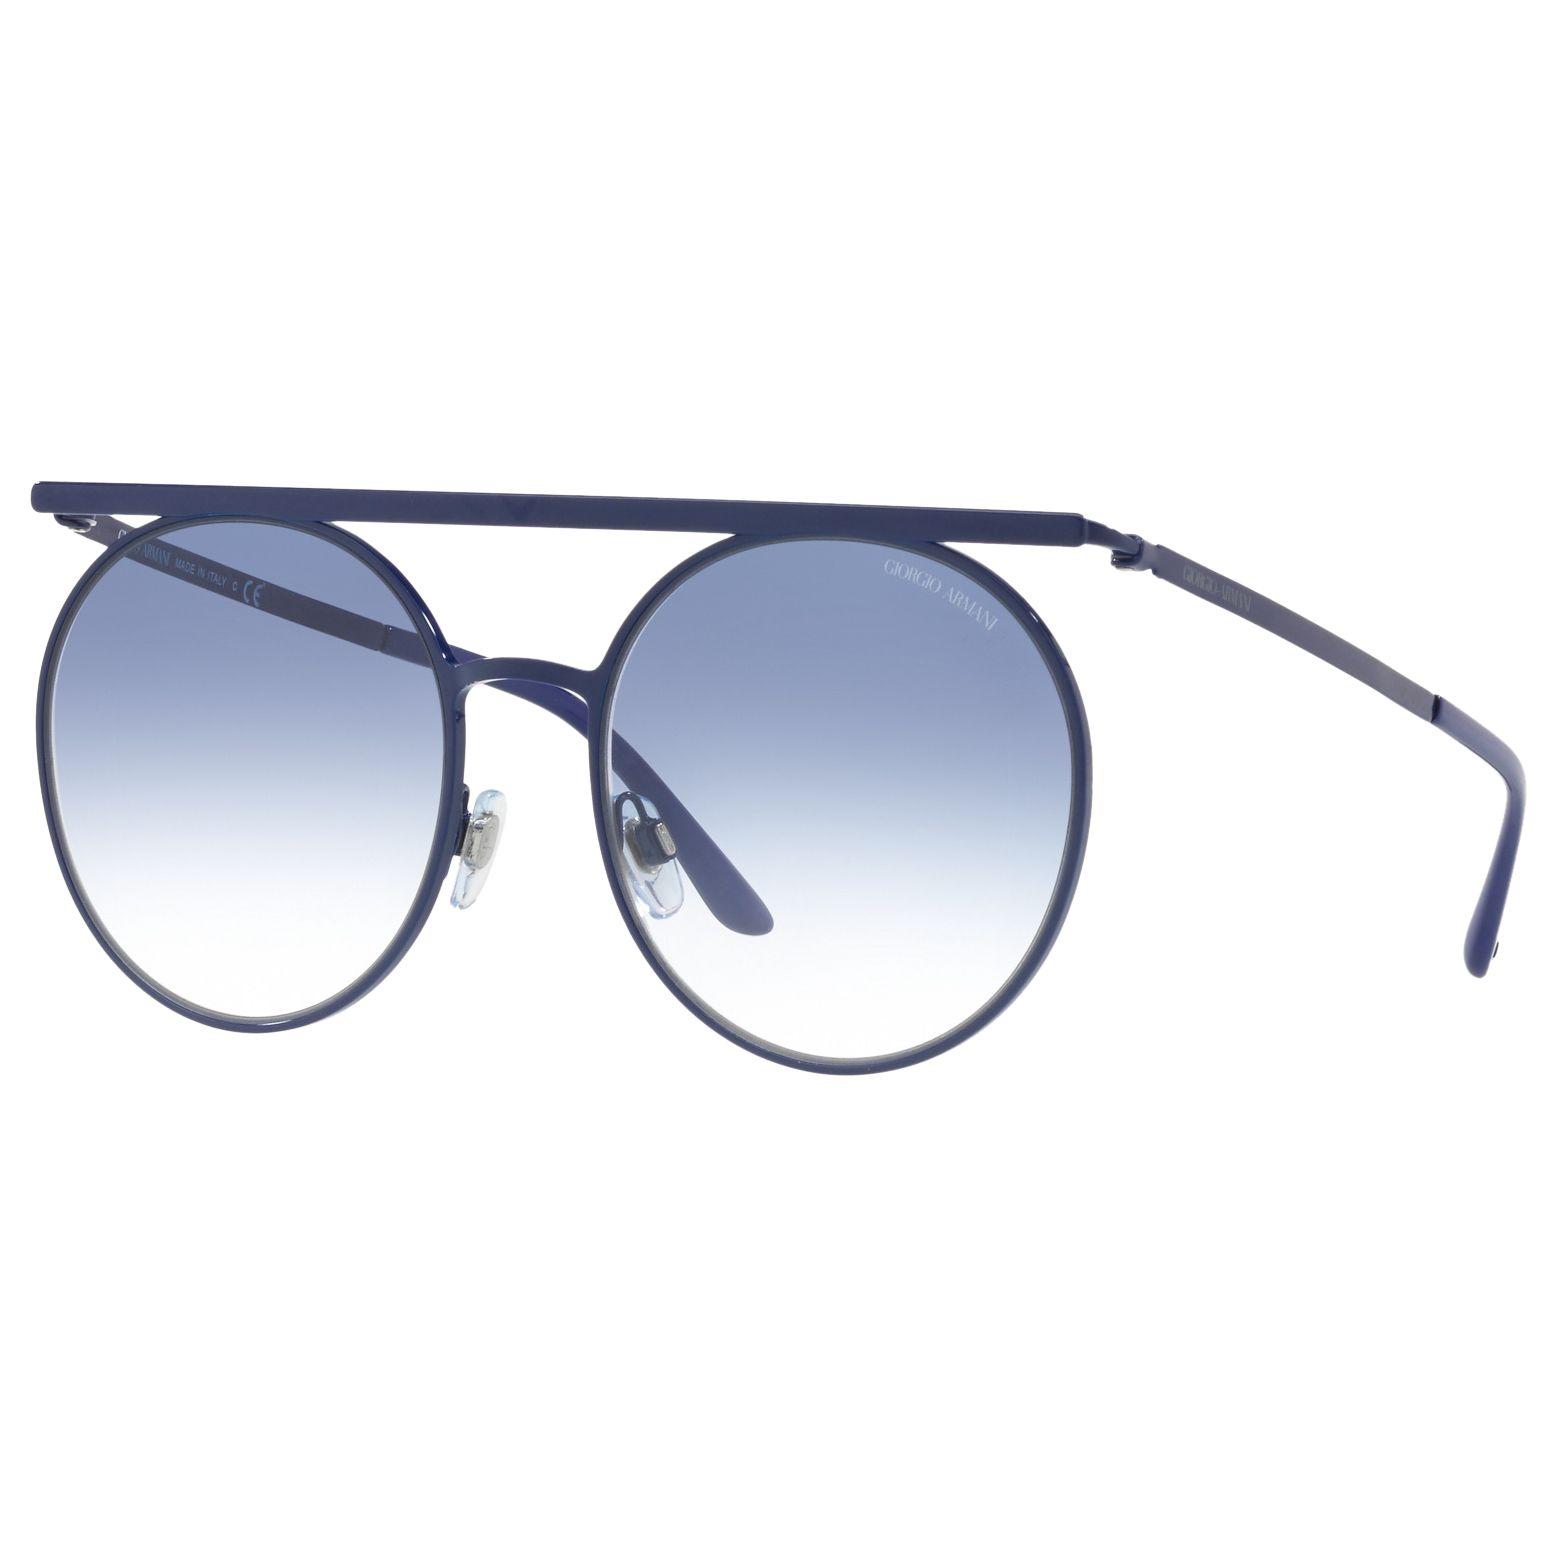 Giorgio Armani Giorgio Armani AR6069 Round Sunglasses, Navy/Blue Gradient